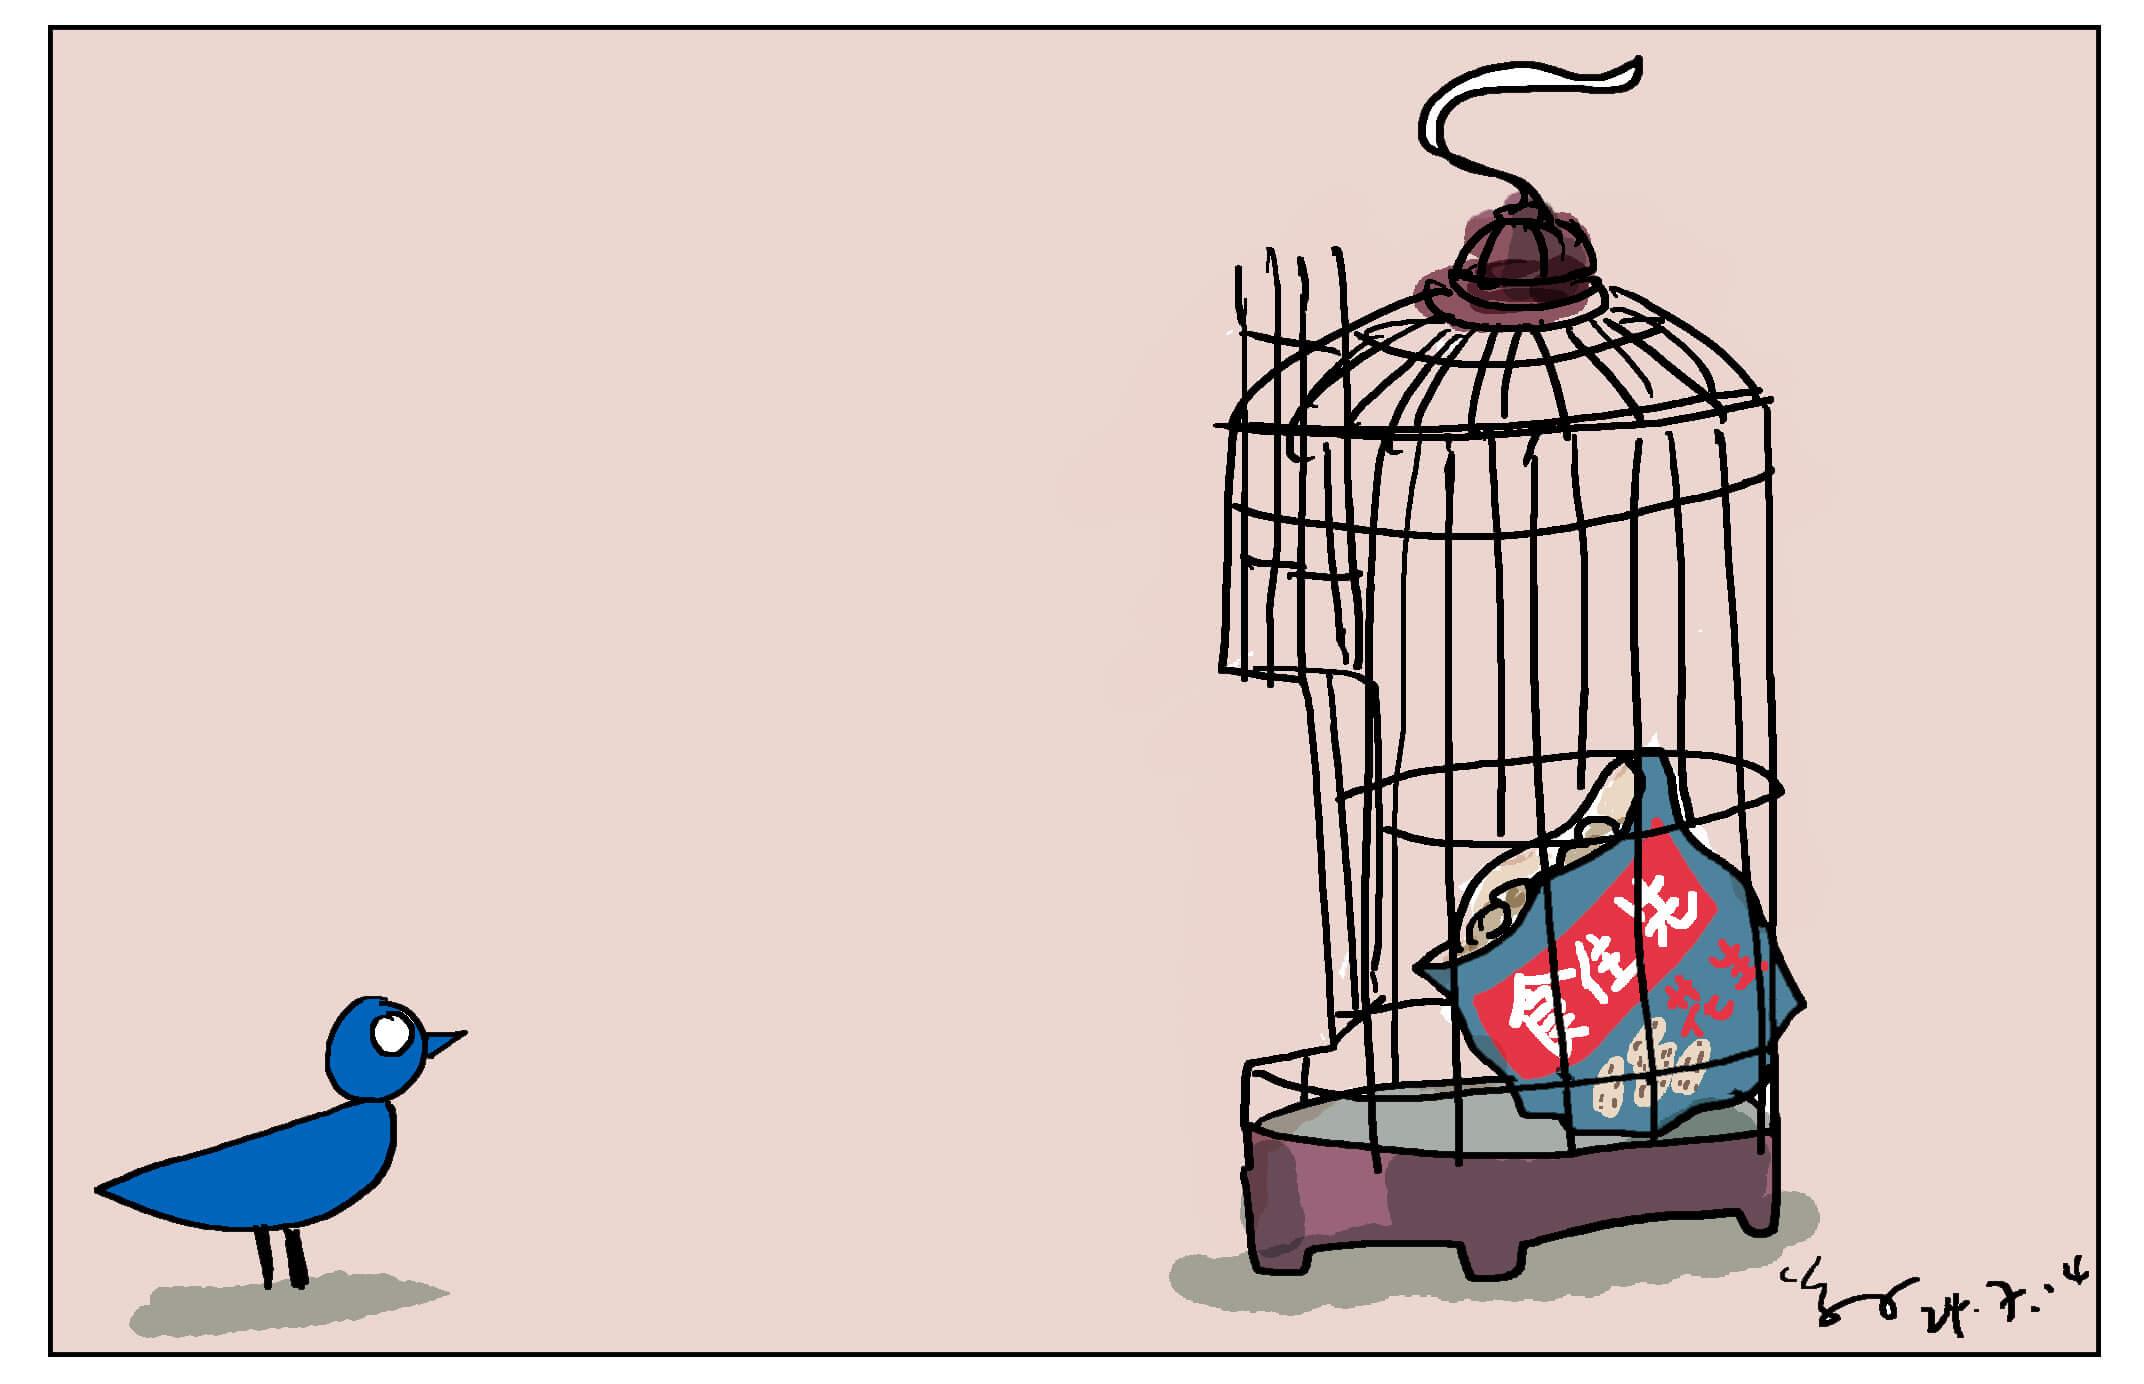 漫畫分析時事,也用來引發反思,「食花生」的人自以 為可置身事外,其實可能只是自願喪失自由。